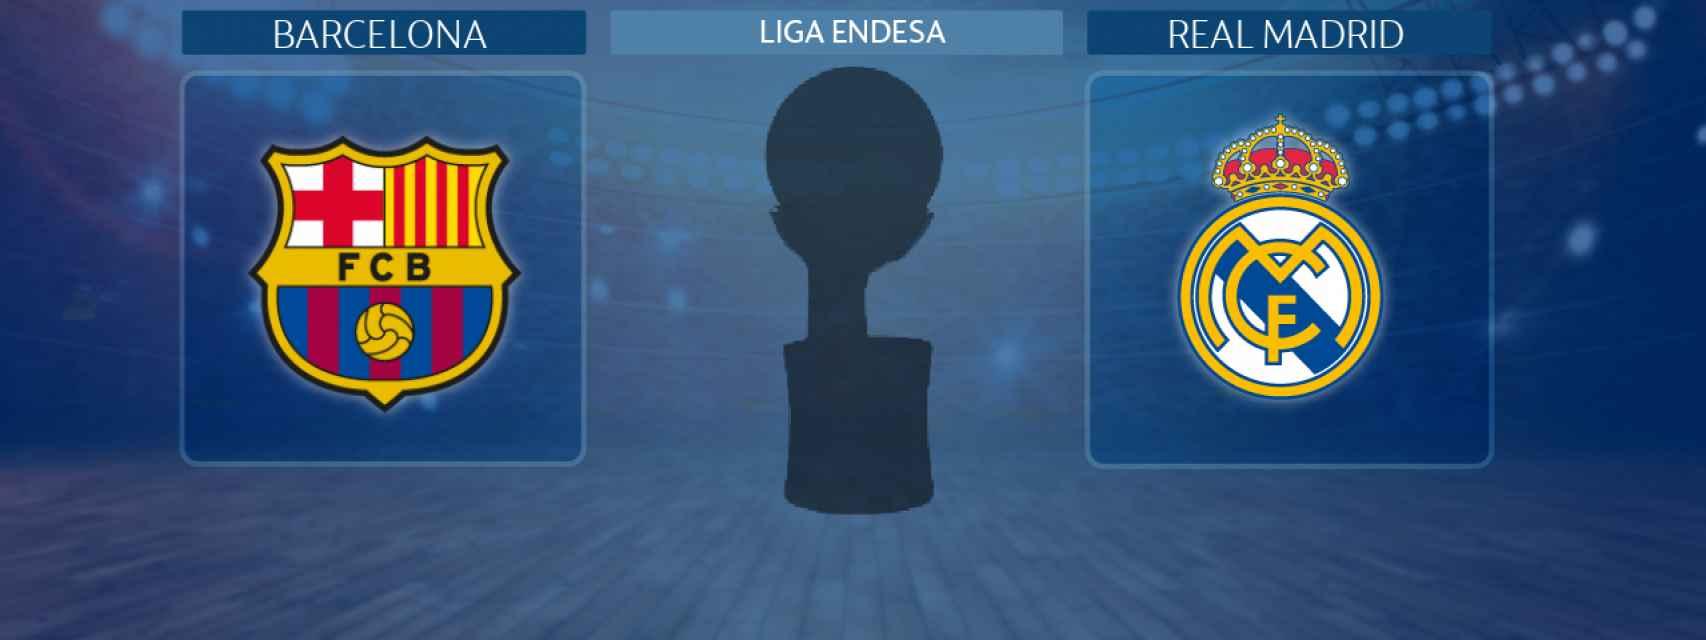 Barcelona - Real Madrid, partido de la Liga Endesa